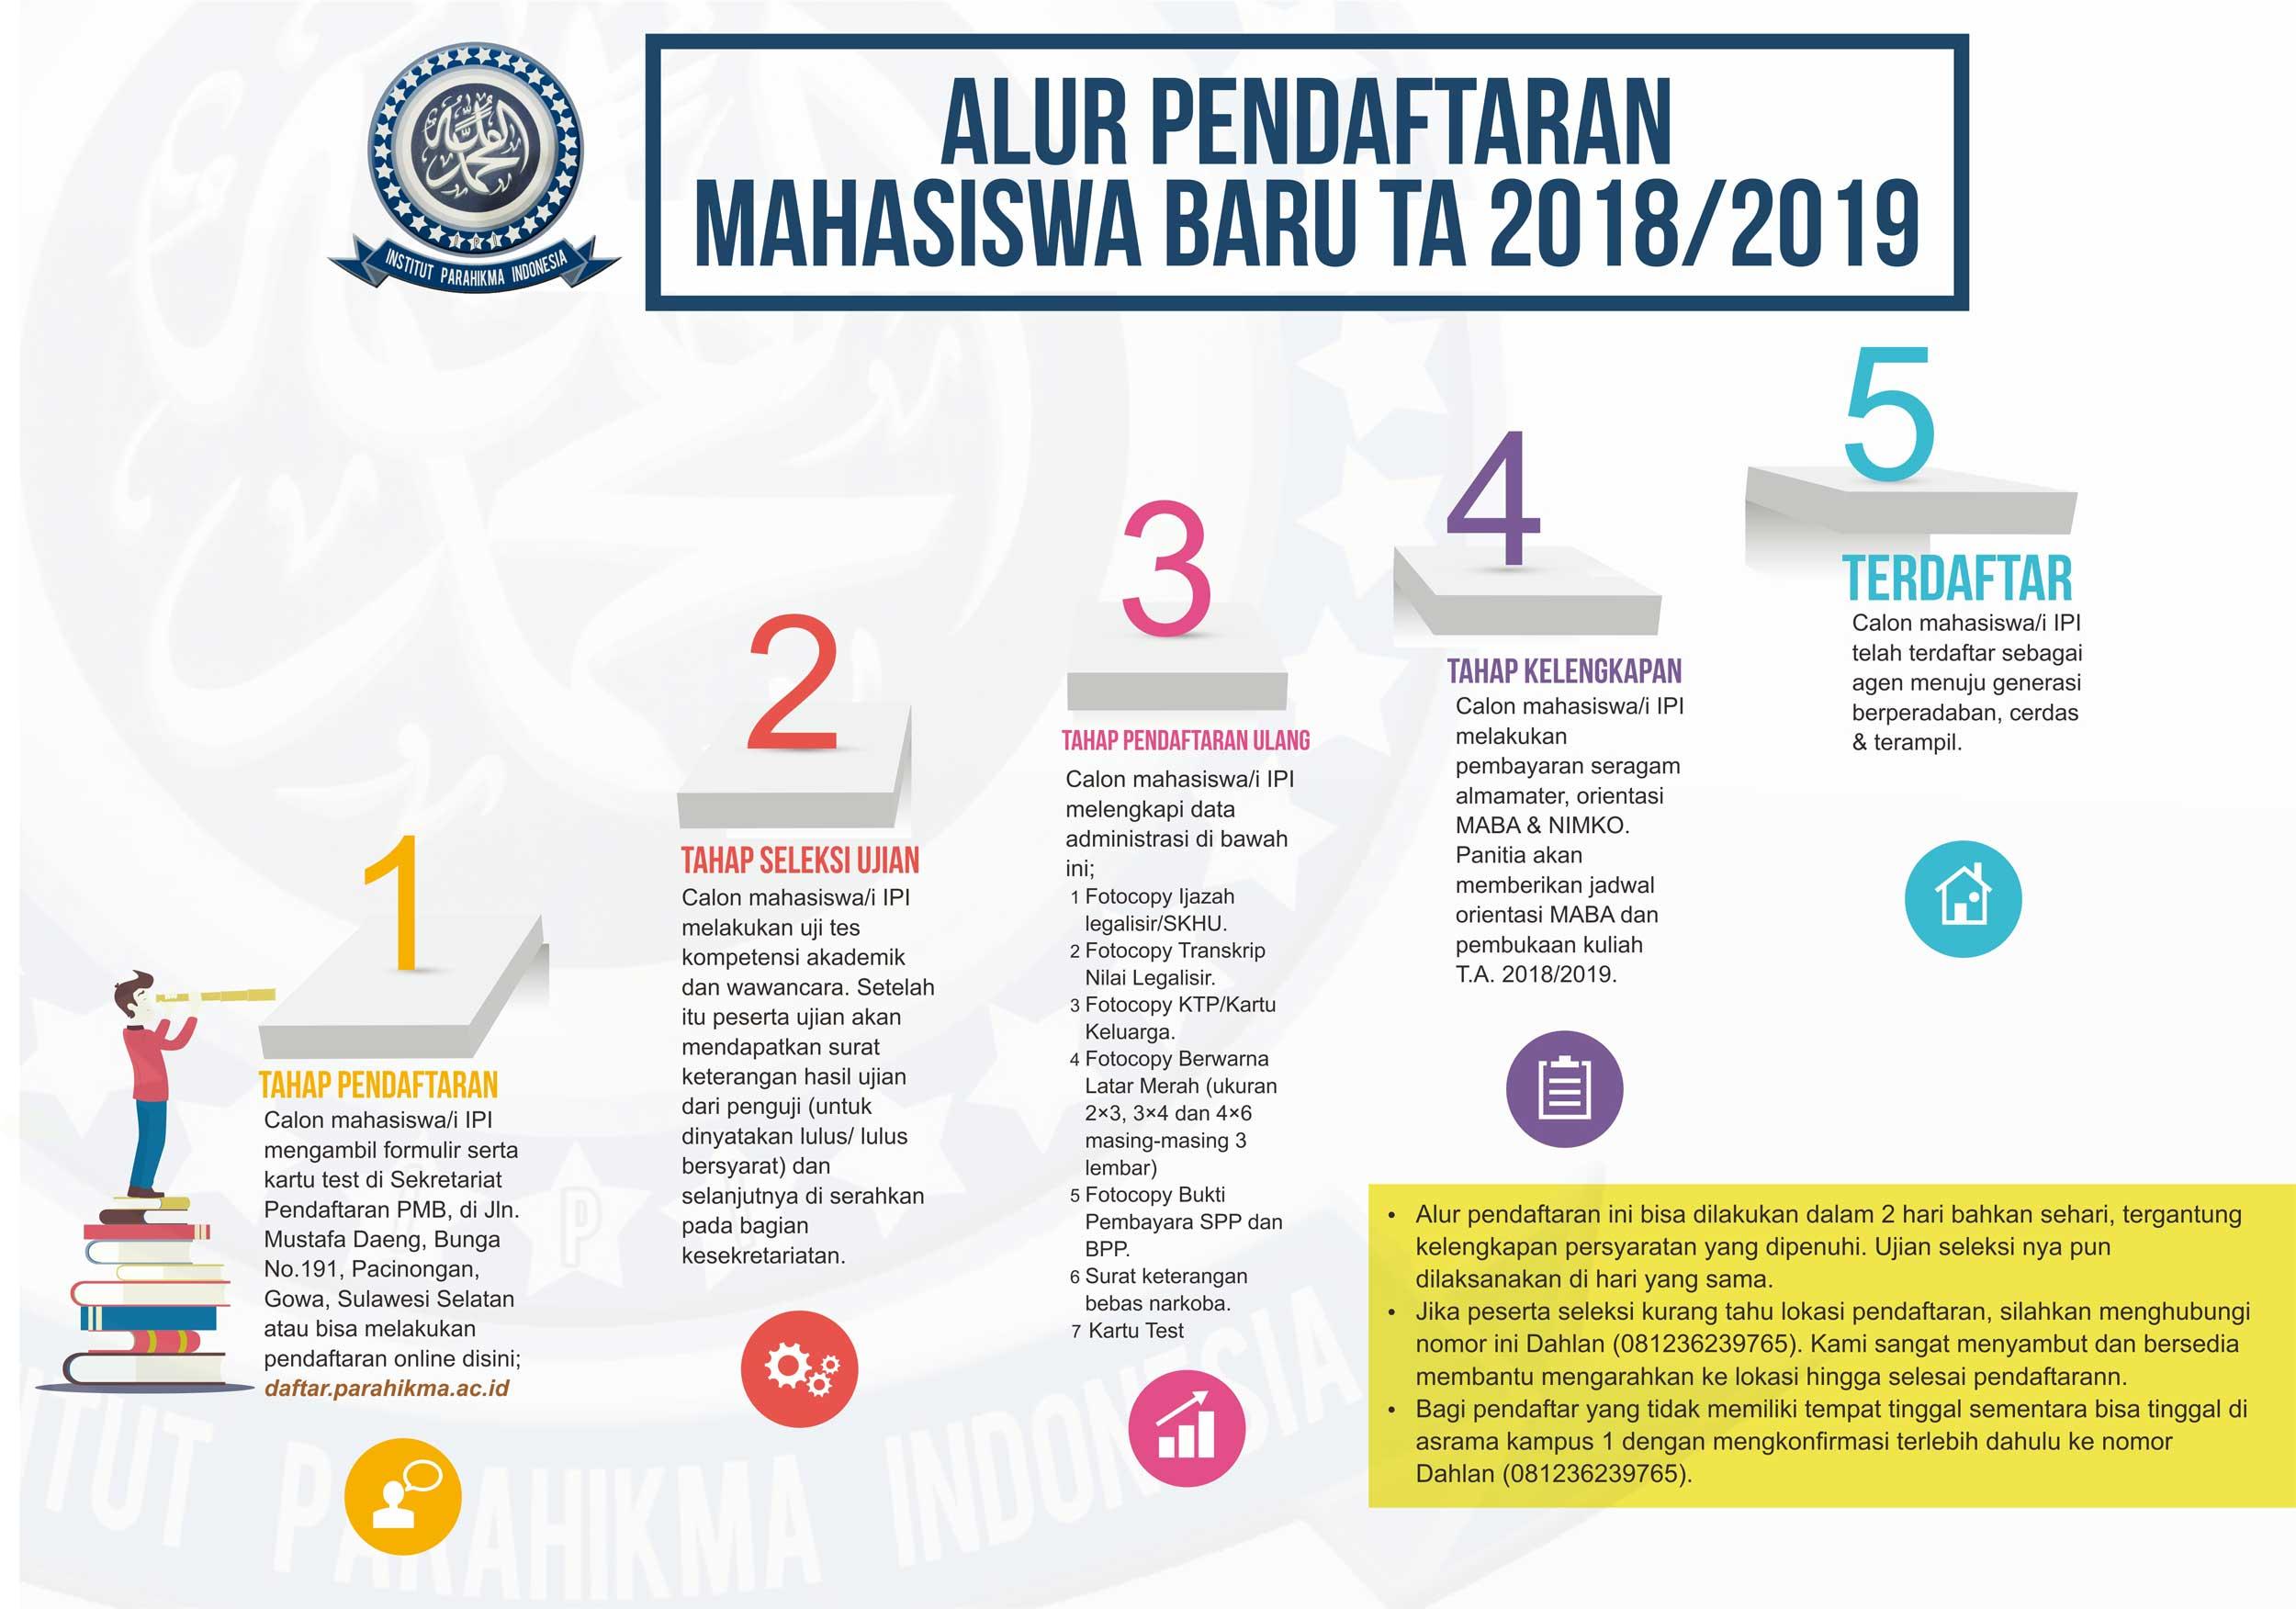 Alur Pendaftaran Mahasiswa Baru TA 2020-2021